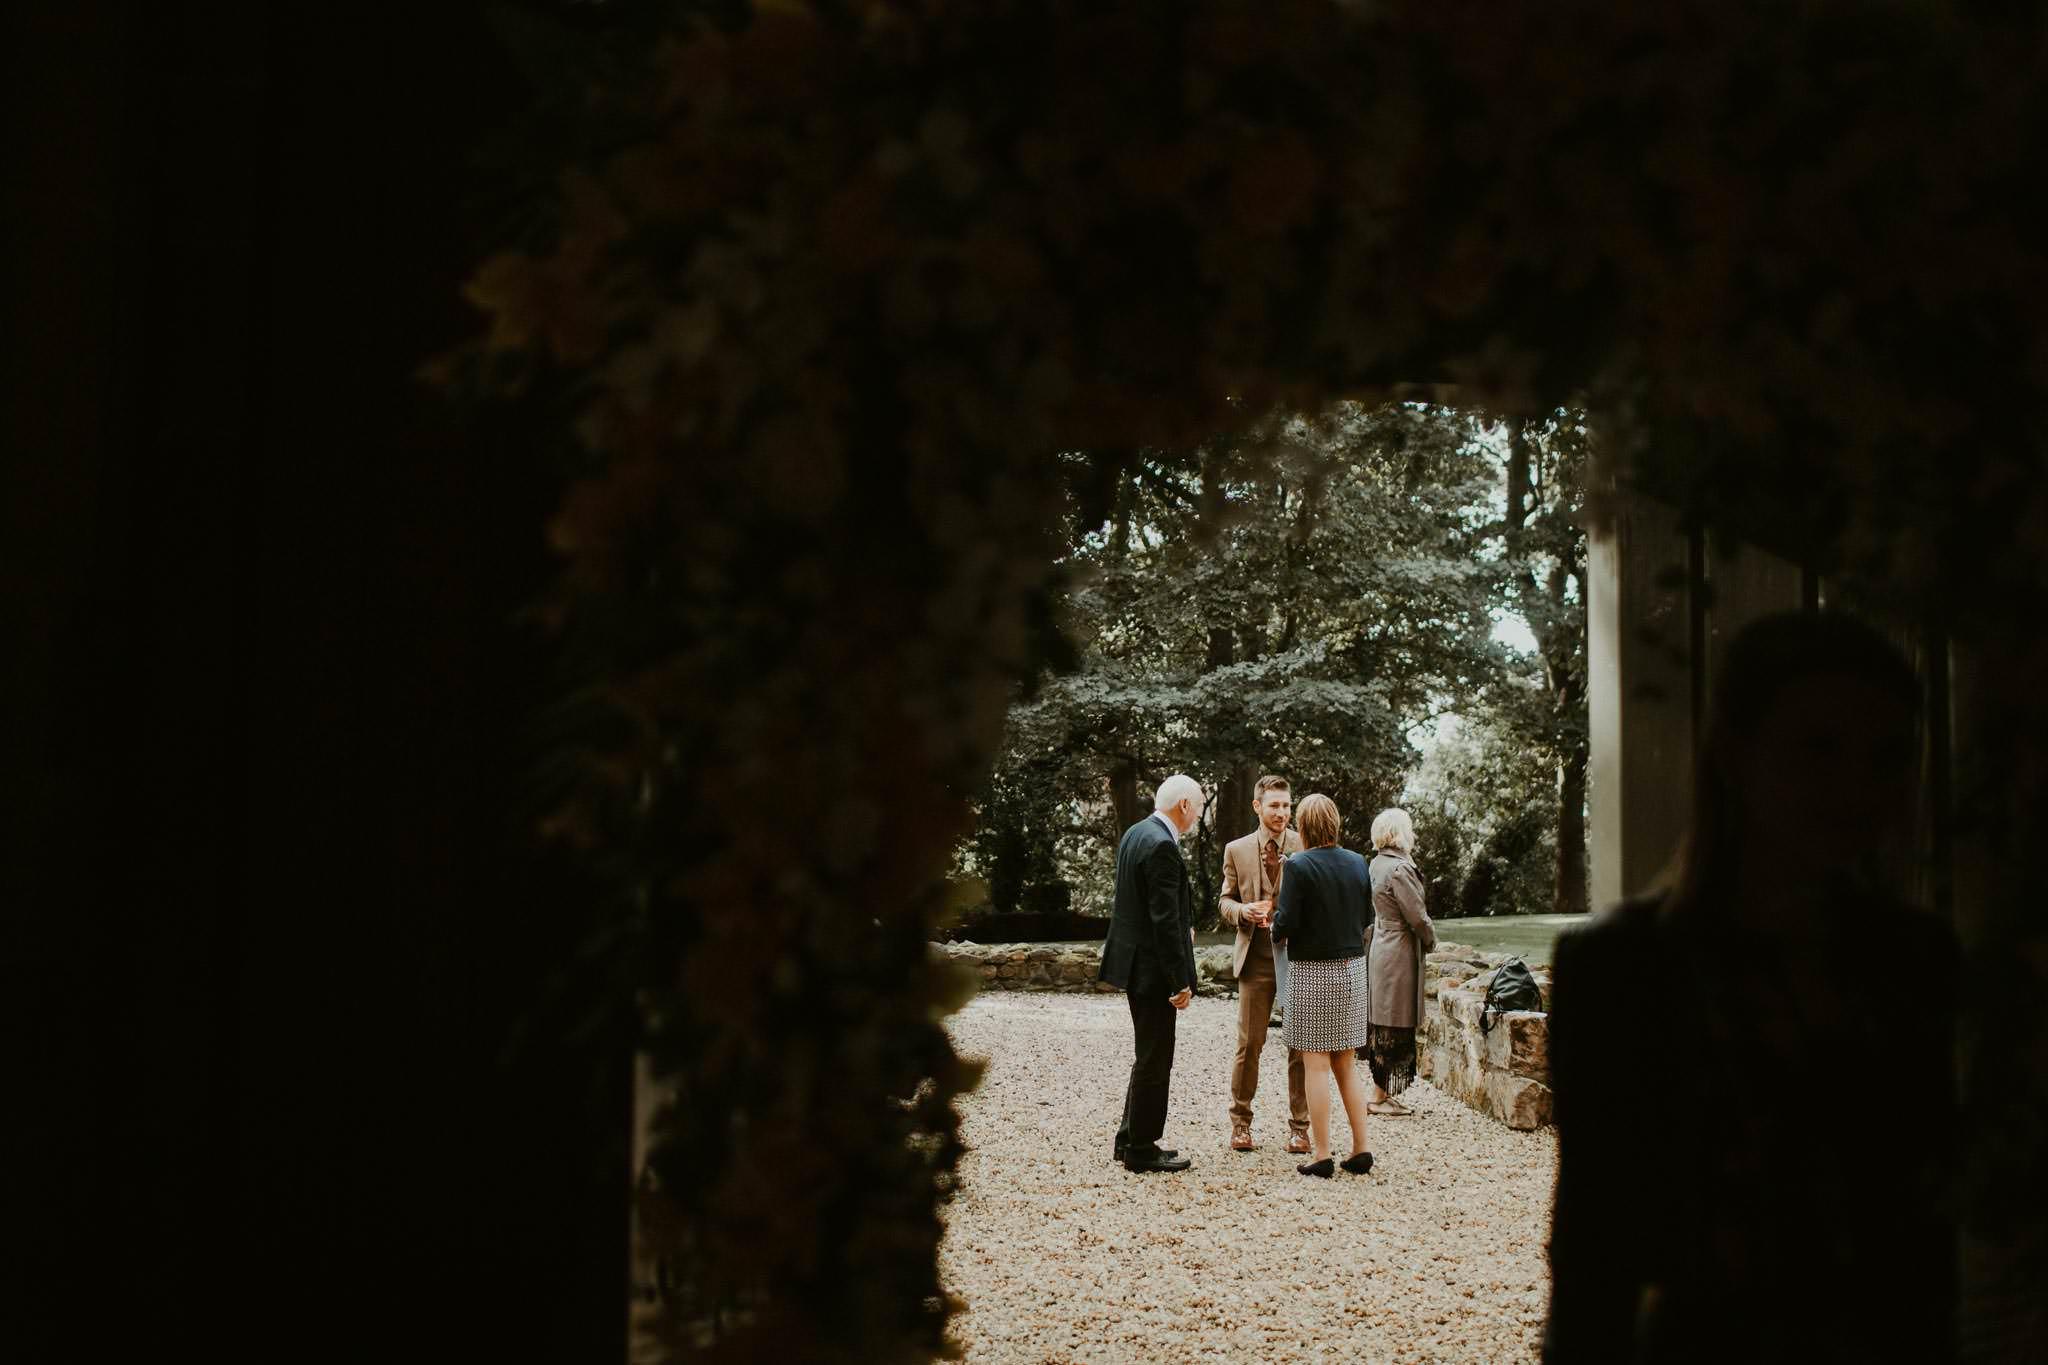 scottish-wedding-photography-090